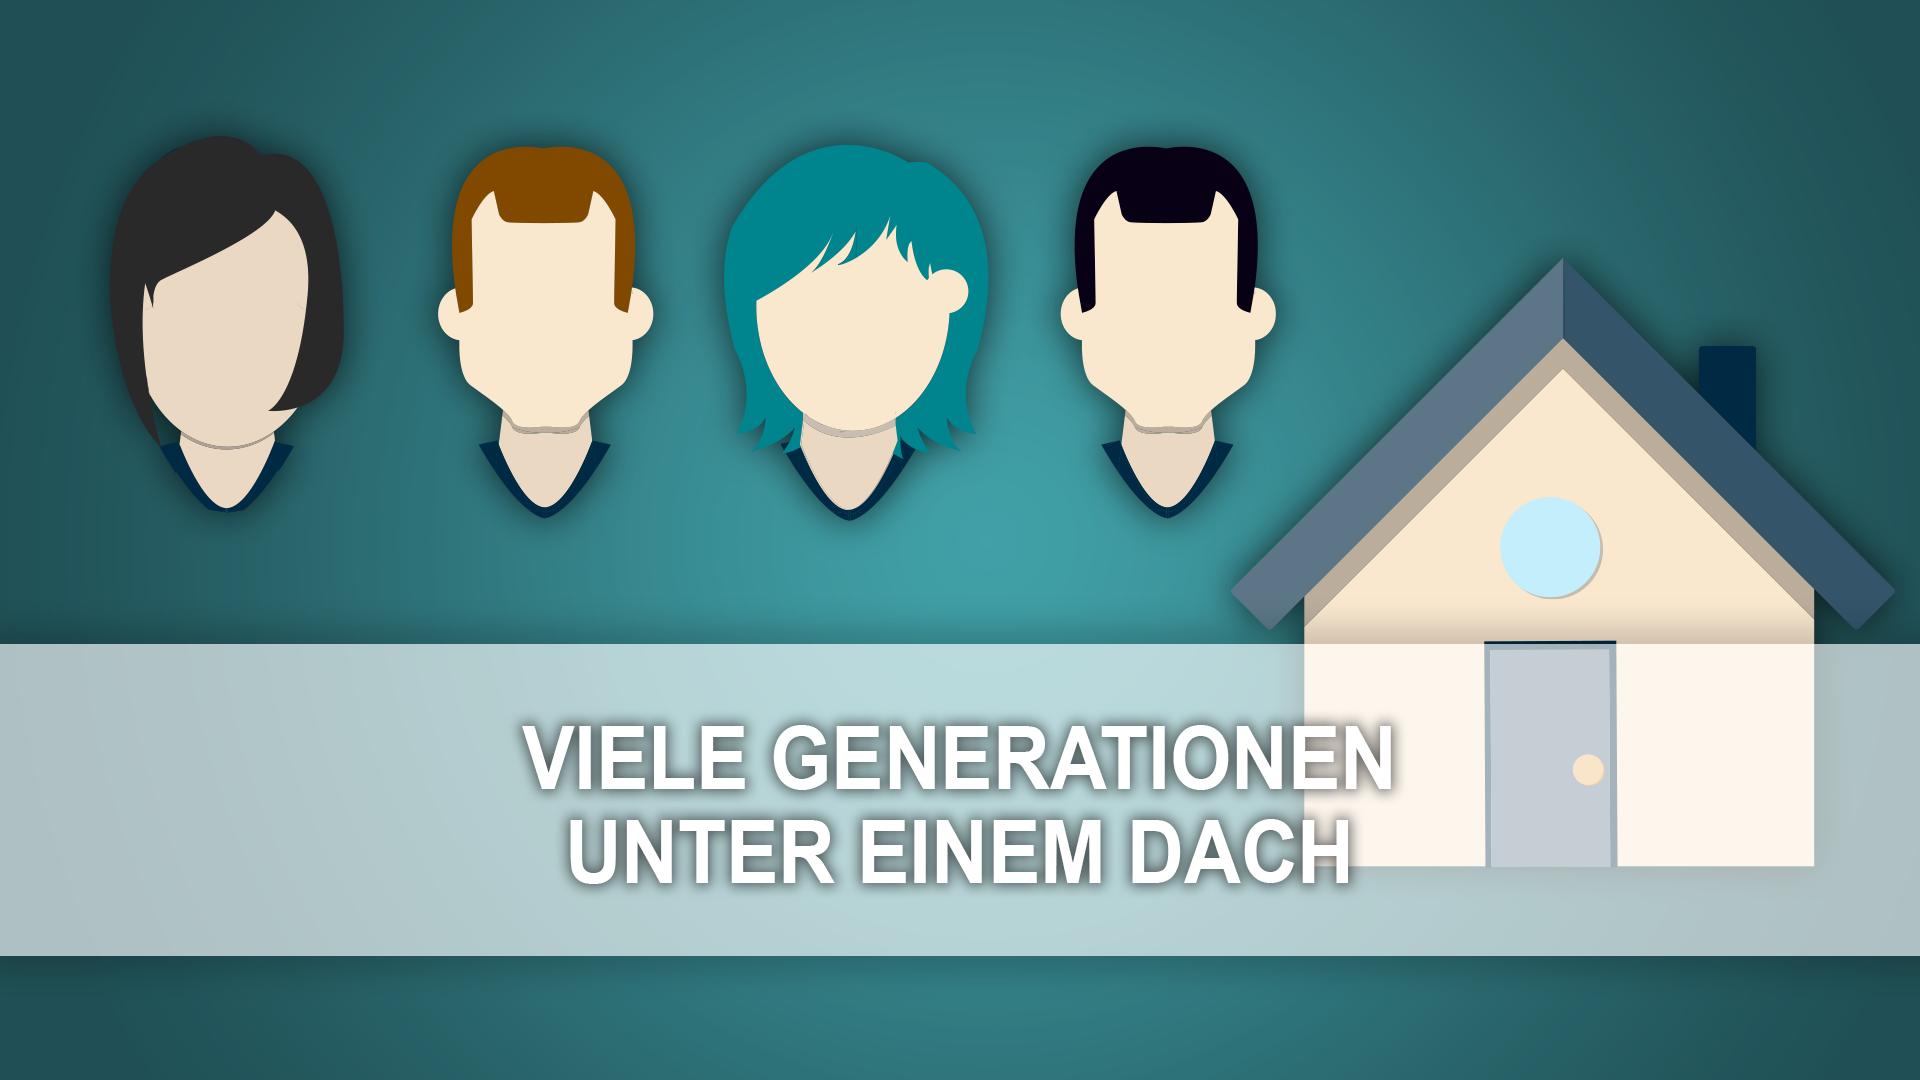 viele generationen unter einem dach - a.scheffer